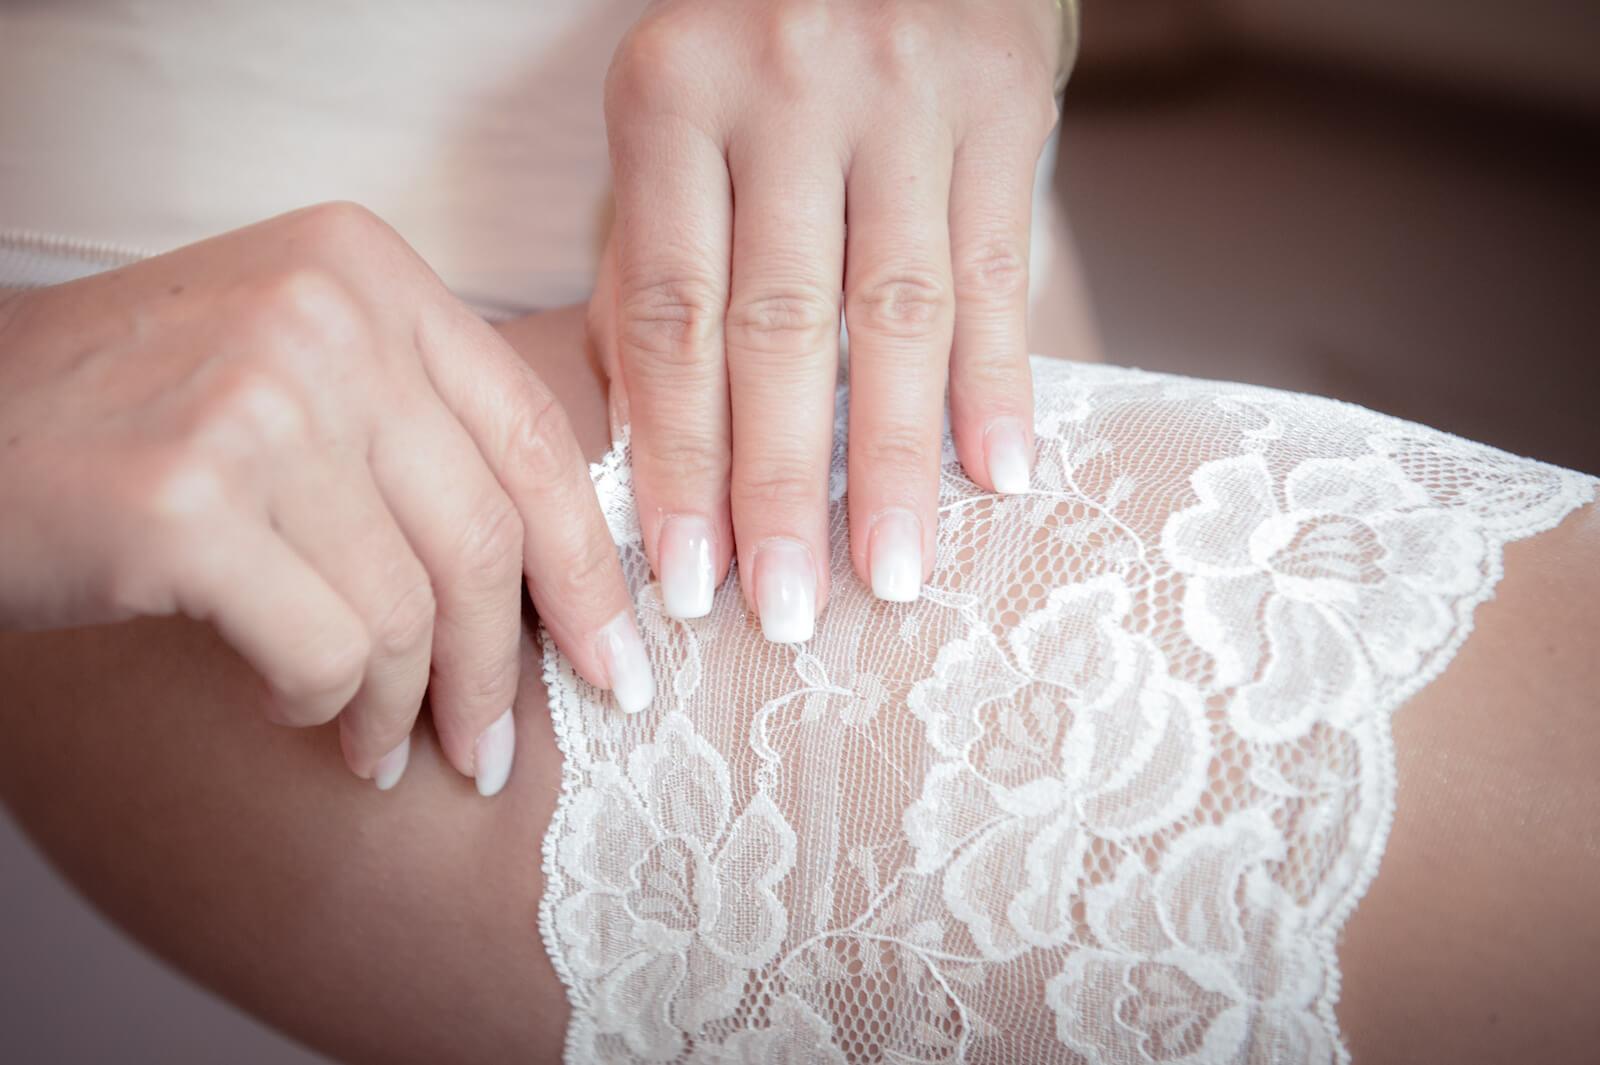 Hochzeit Gardasee - die Braut zieht ihr Strumpfband an